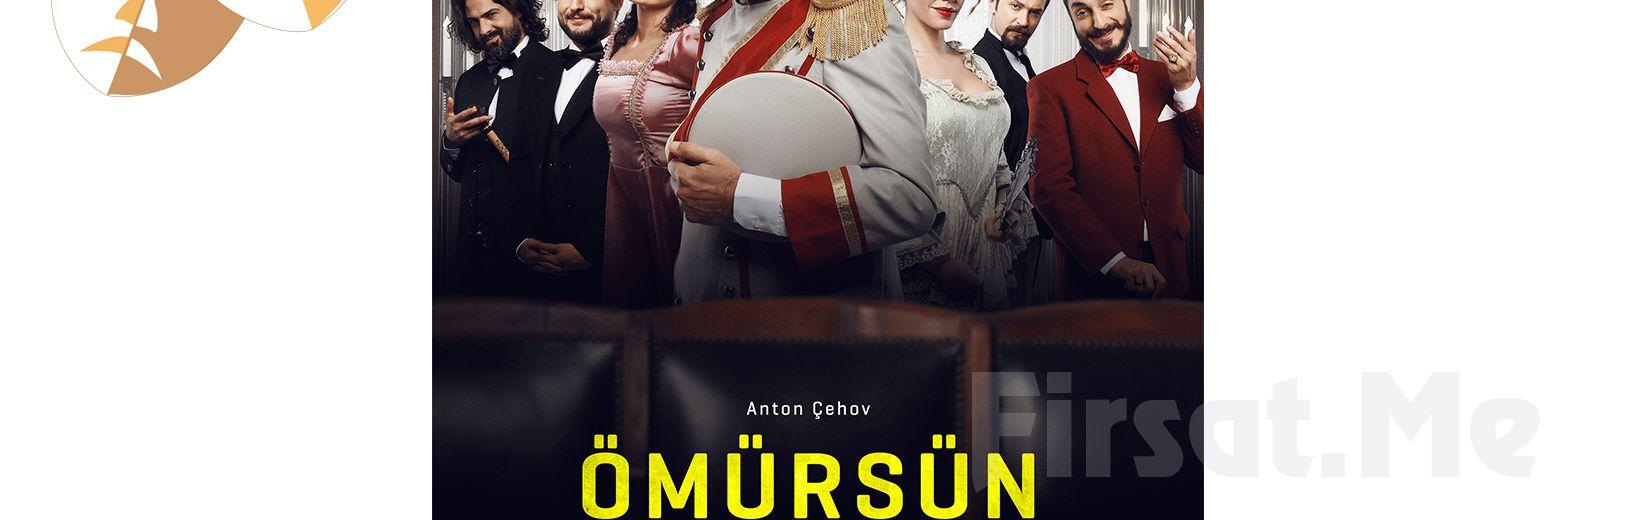 Anton Çehov'un Eseri Cem Özer'in Muhteşem Performansıyla Ömürsün Doktor Tiyatro Oyun Bileti